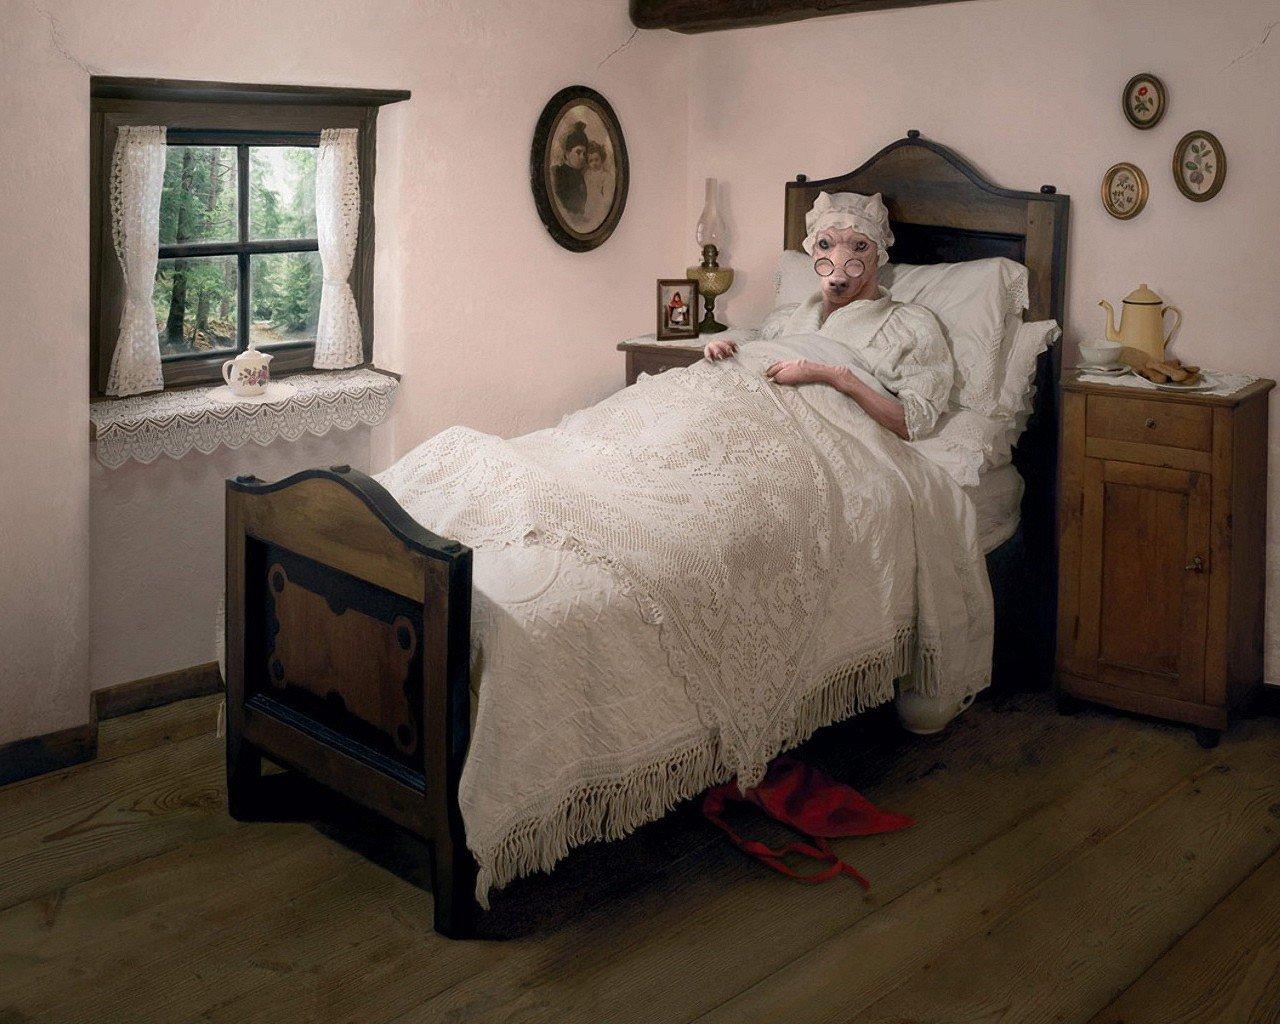 Ебля фото из спальни жены туалетах